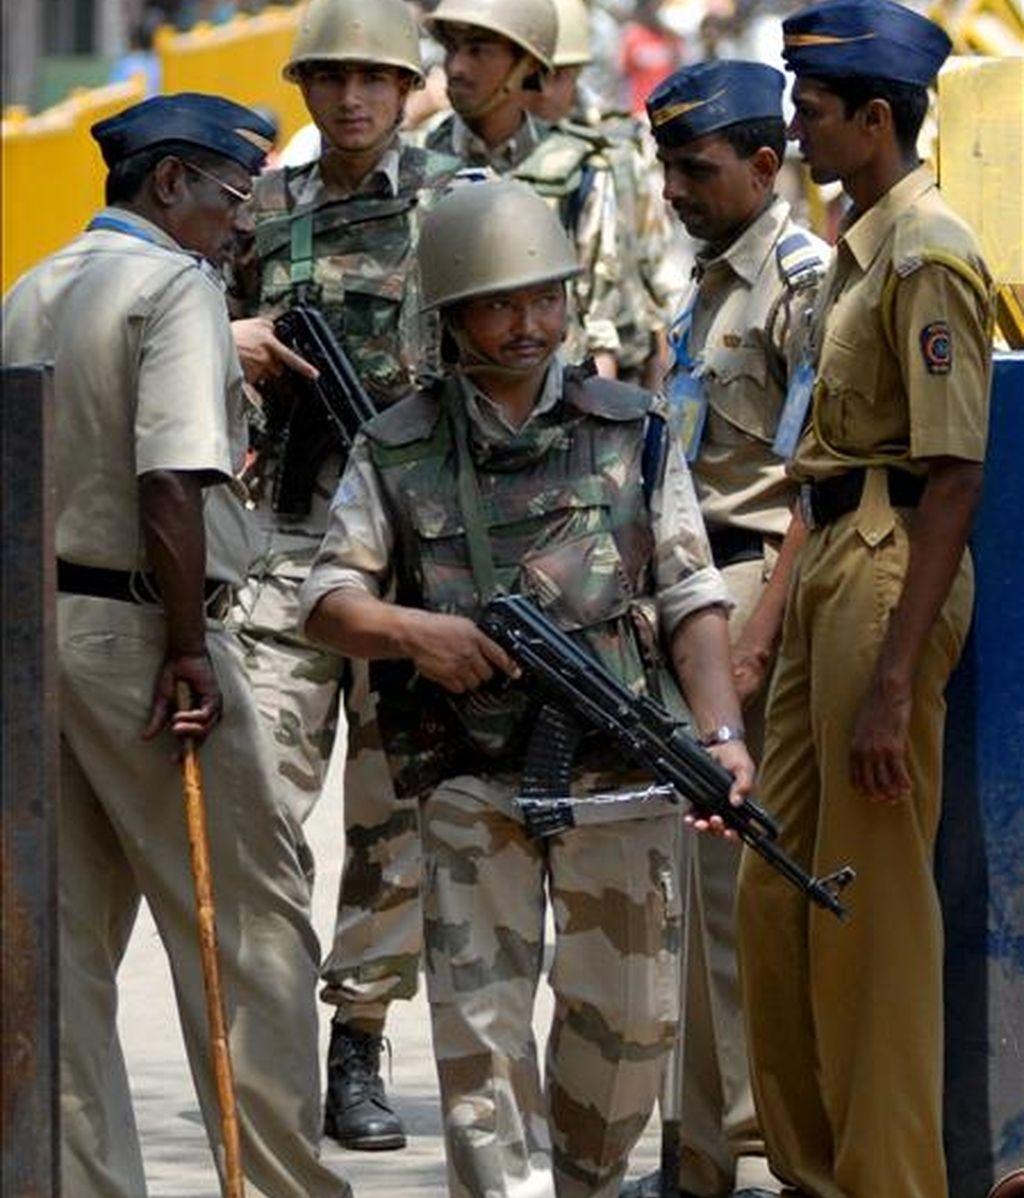 Soldados indios patrullan en el exterior de la cárcel de Arthur Road en Bombay, India, donde está recluido el único terrorista capturado vivo durante el atentado de Bombay del pasado mes de noviembre.